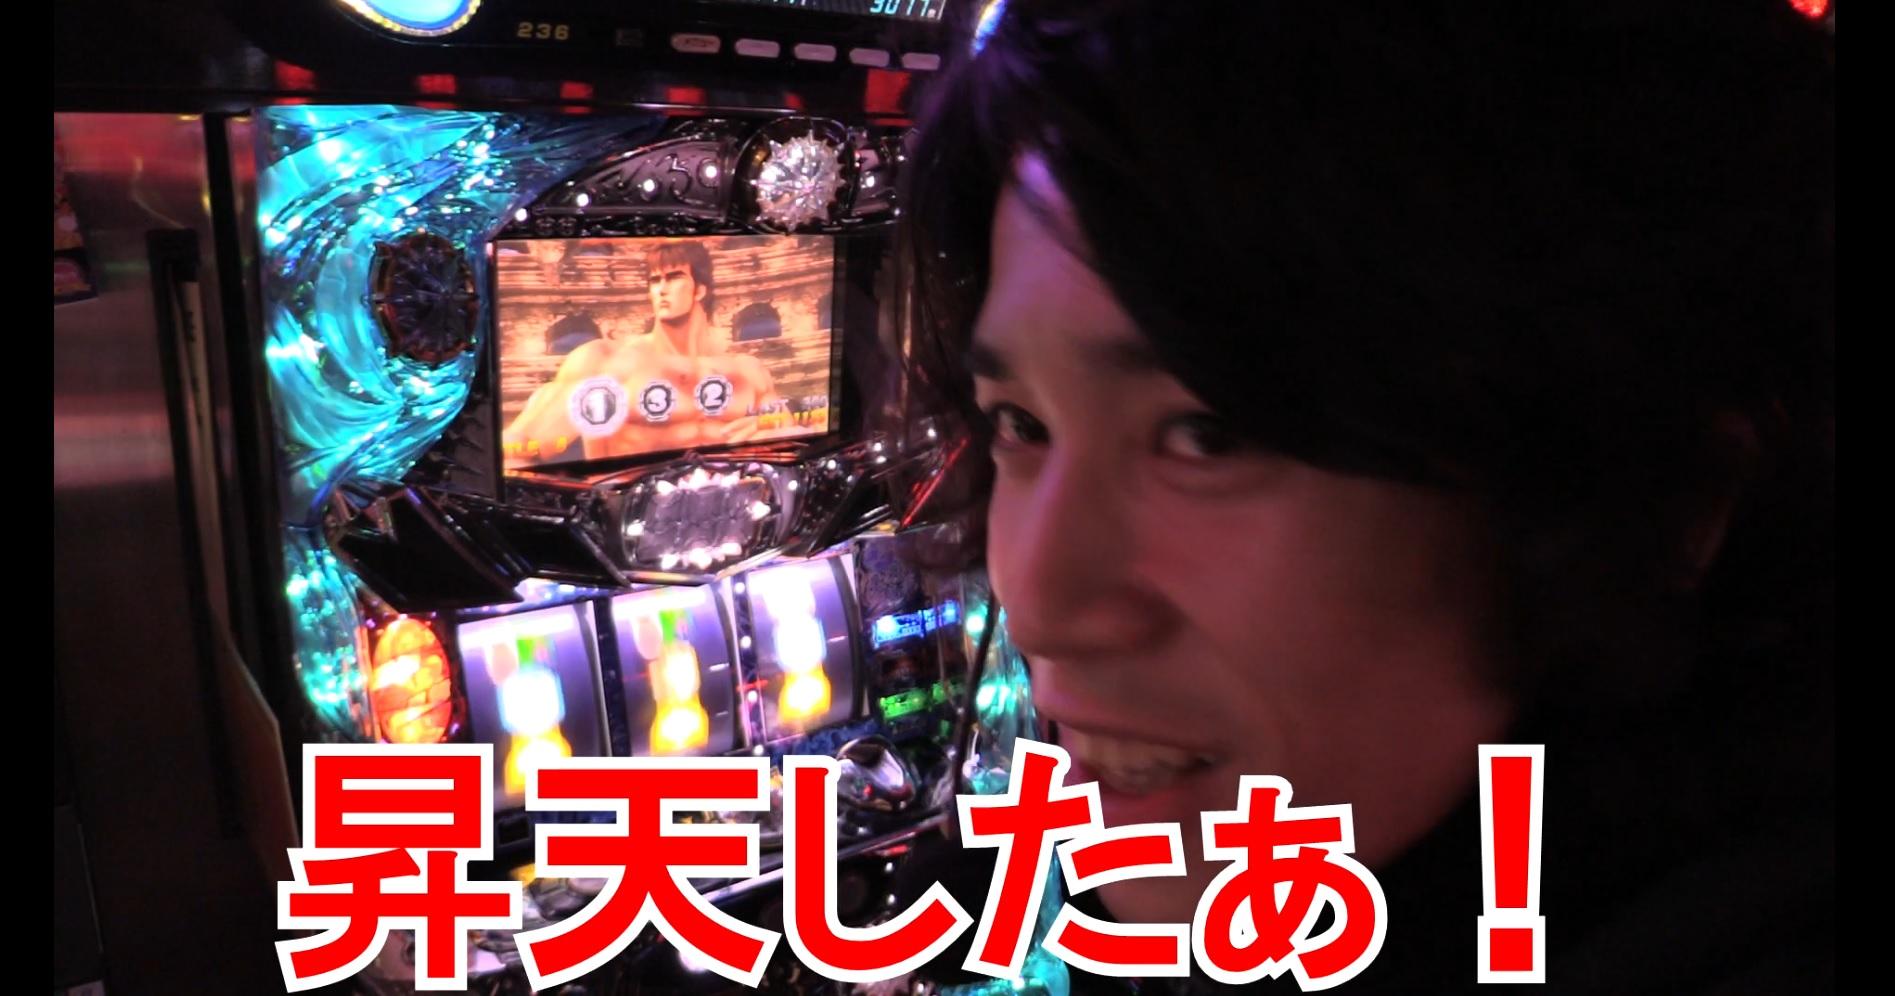 【#36】ytrが「俺打」72,000円投資した結果【SEVEN'S TV】